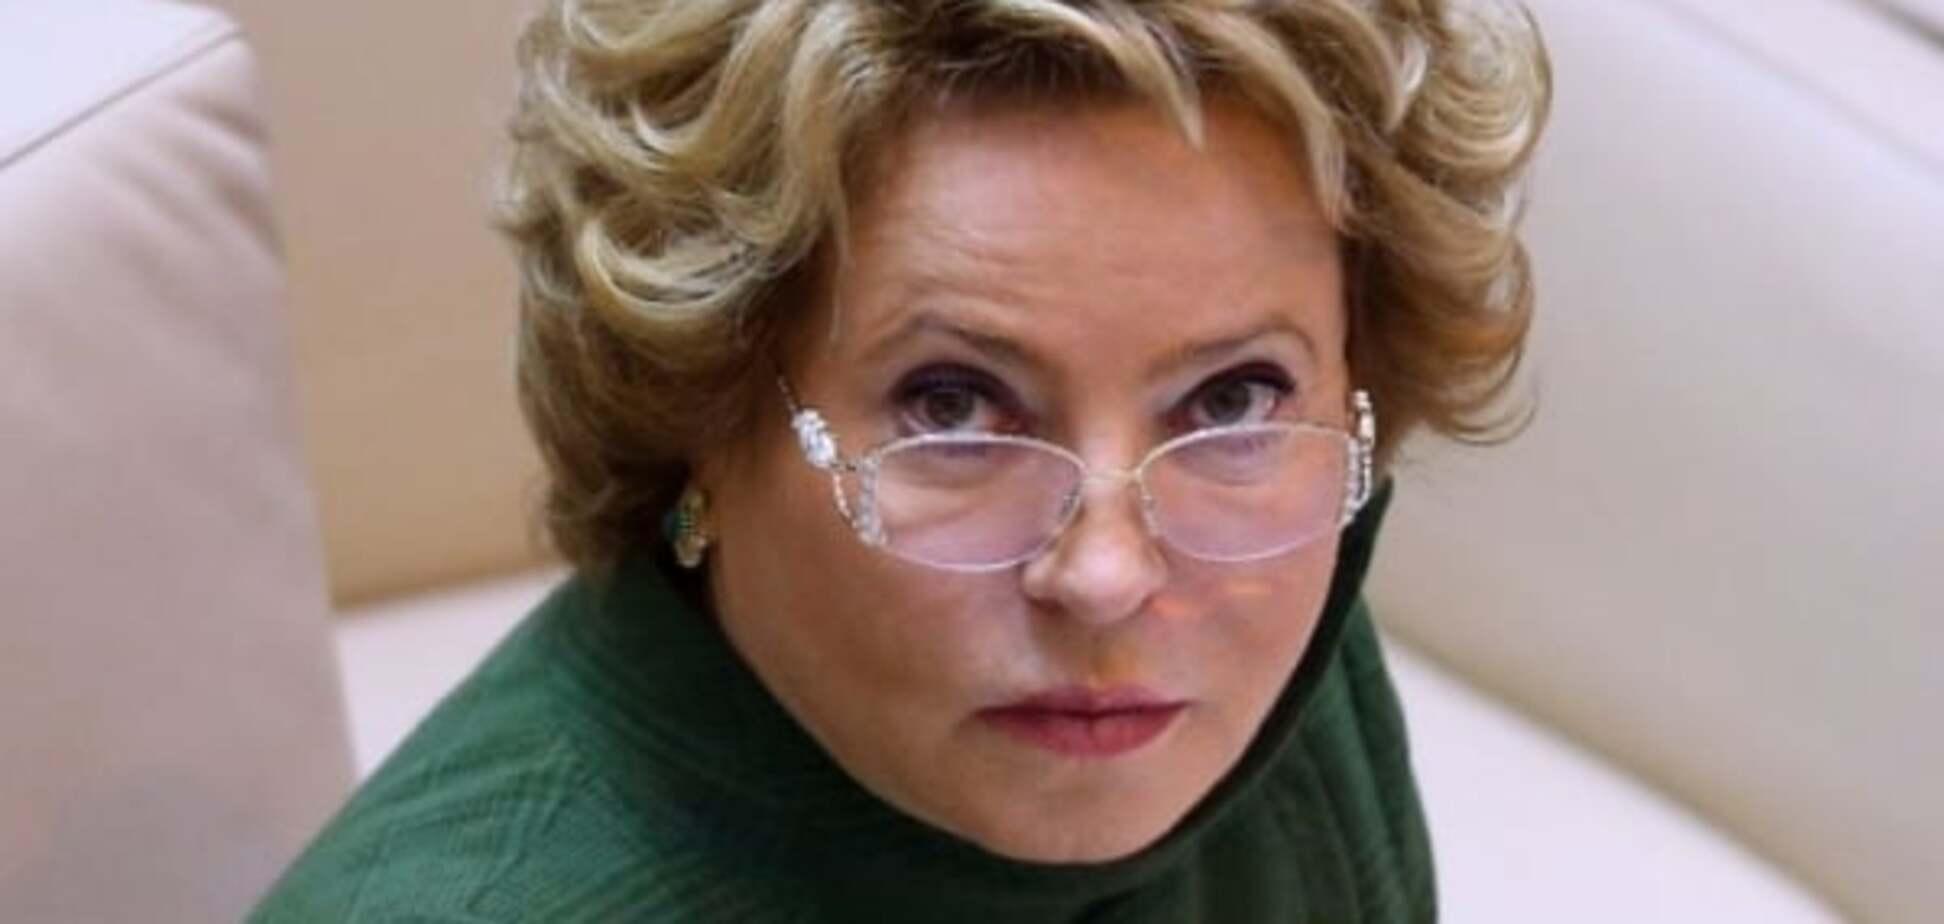 СМИ узнали, что США авансом 'закрыли рот' Матвиенко визовым отказом